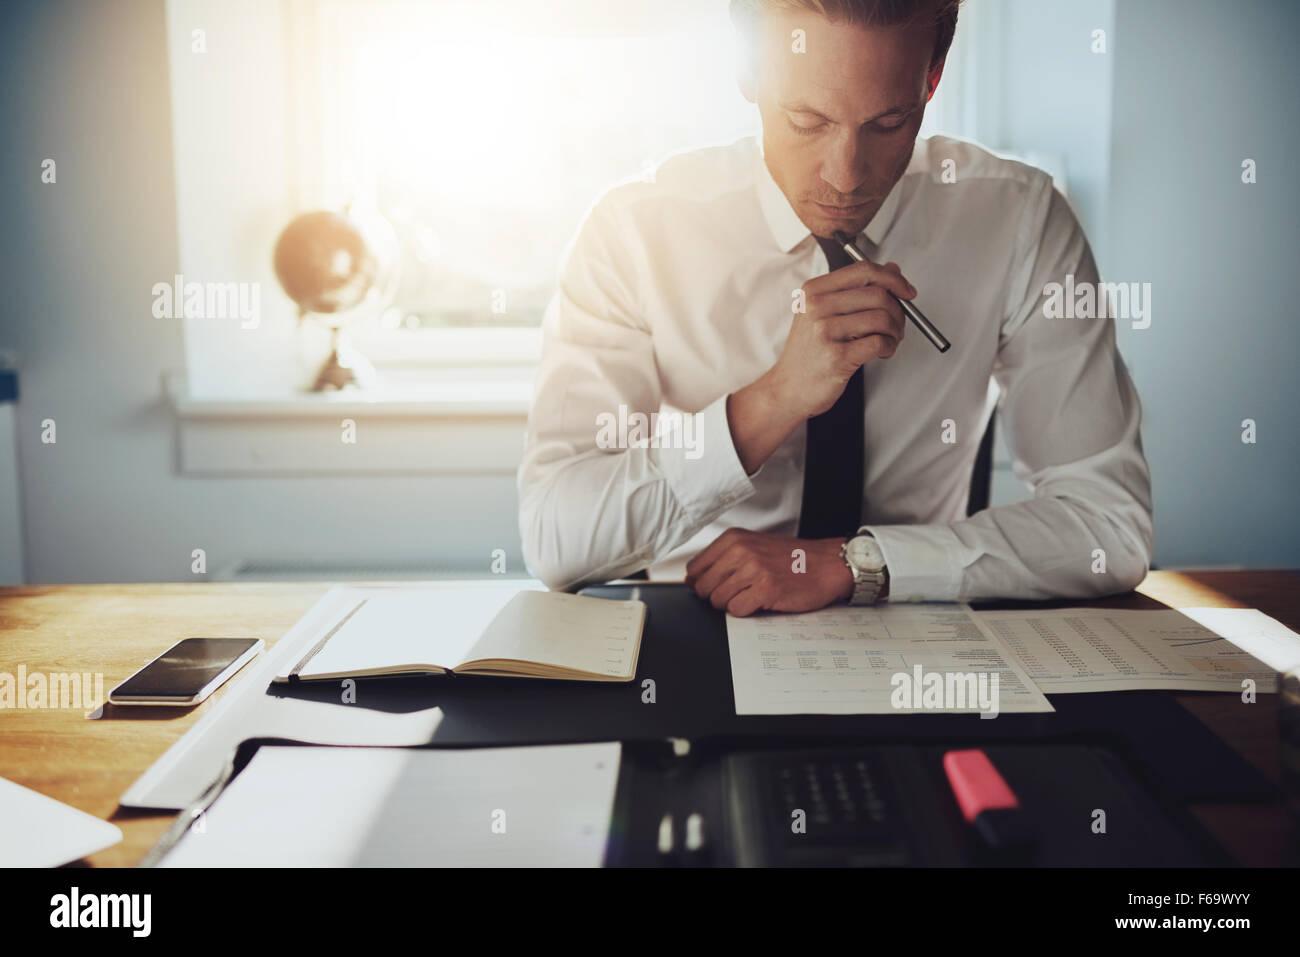 Commercio serio uomo che lavora su documenti cercando concentrata con valigetta e telefono cellulare sul tavolo Immagini Stock